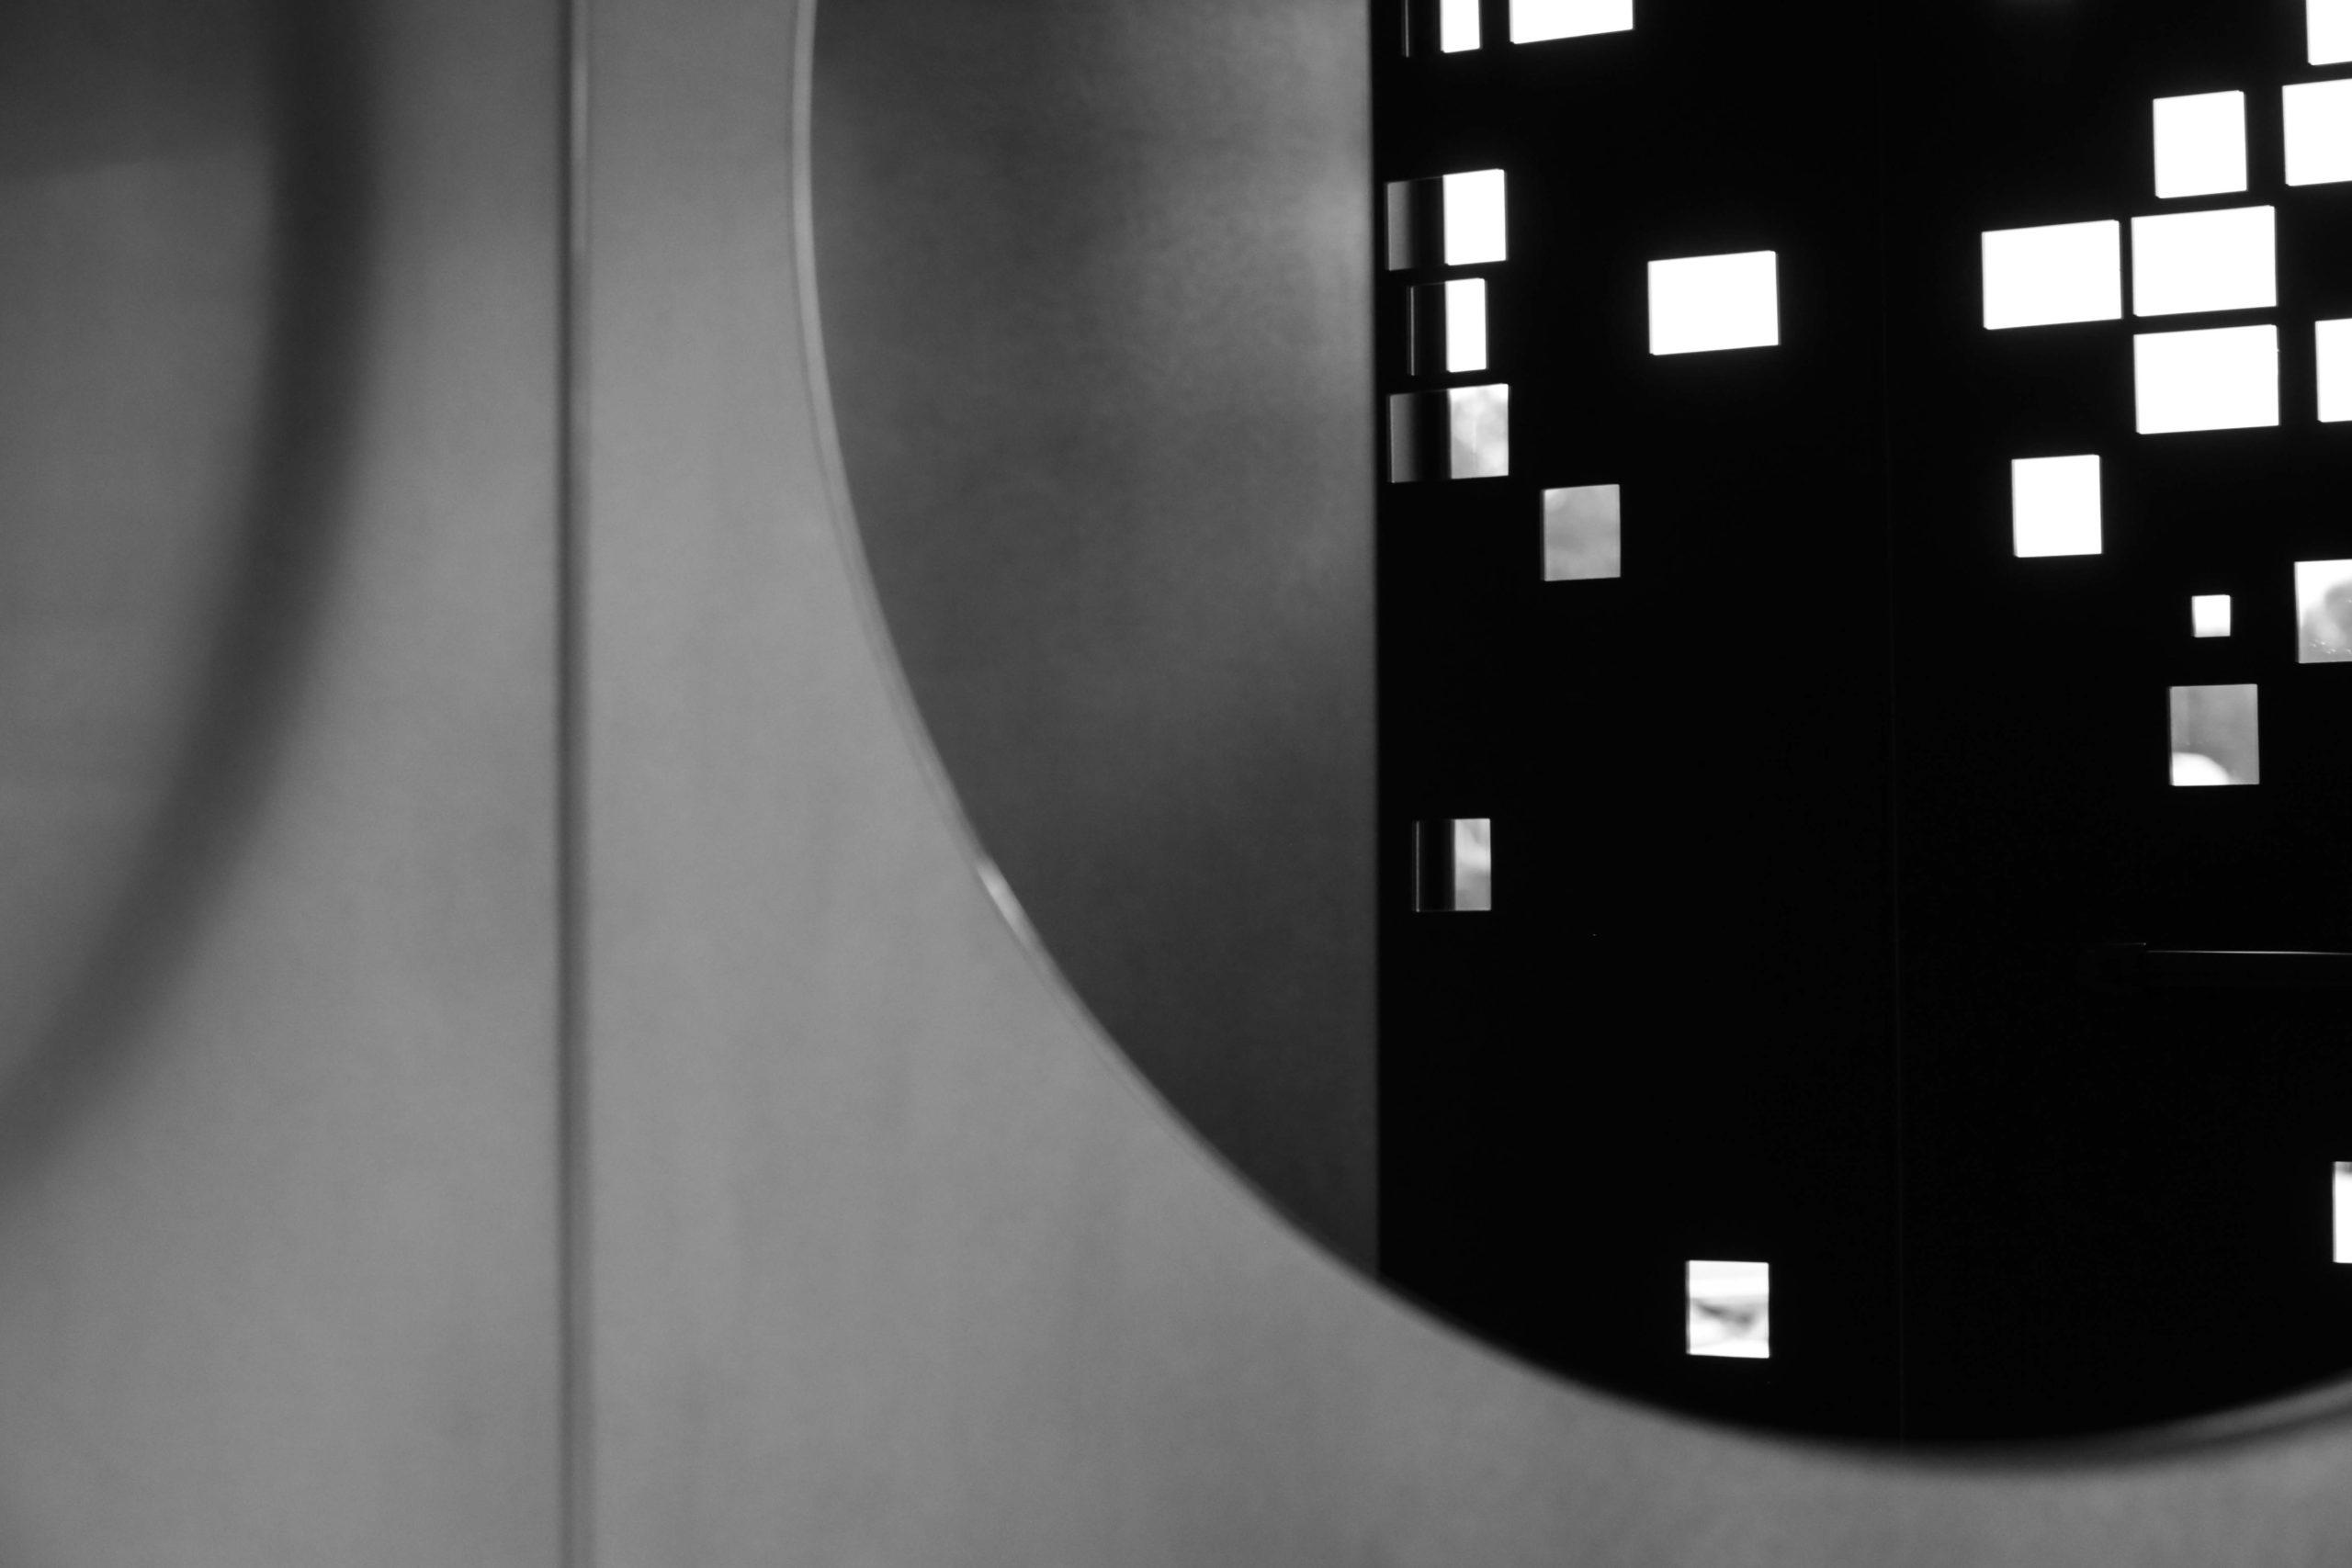 Badezimmerspiegel Inneneinrichtung Onyx Hausboot Nobla Karlsruhe